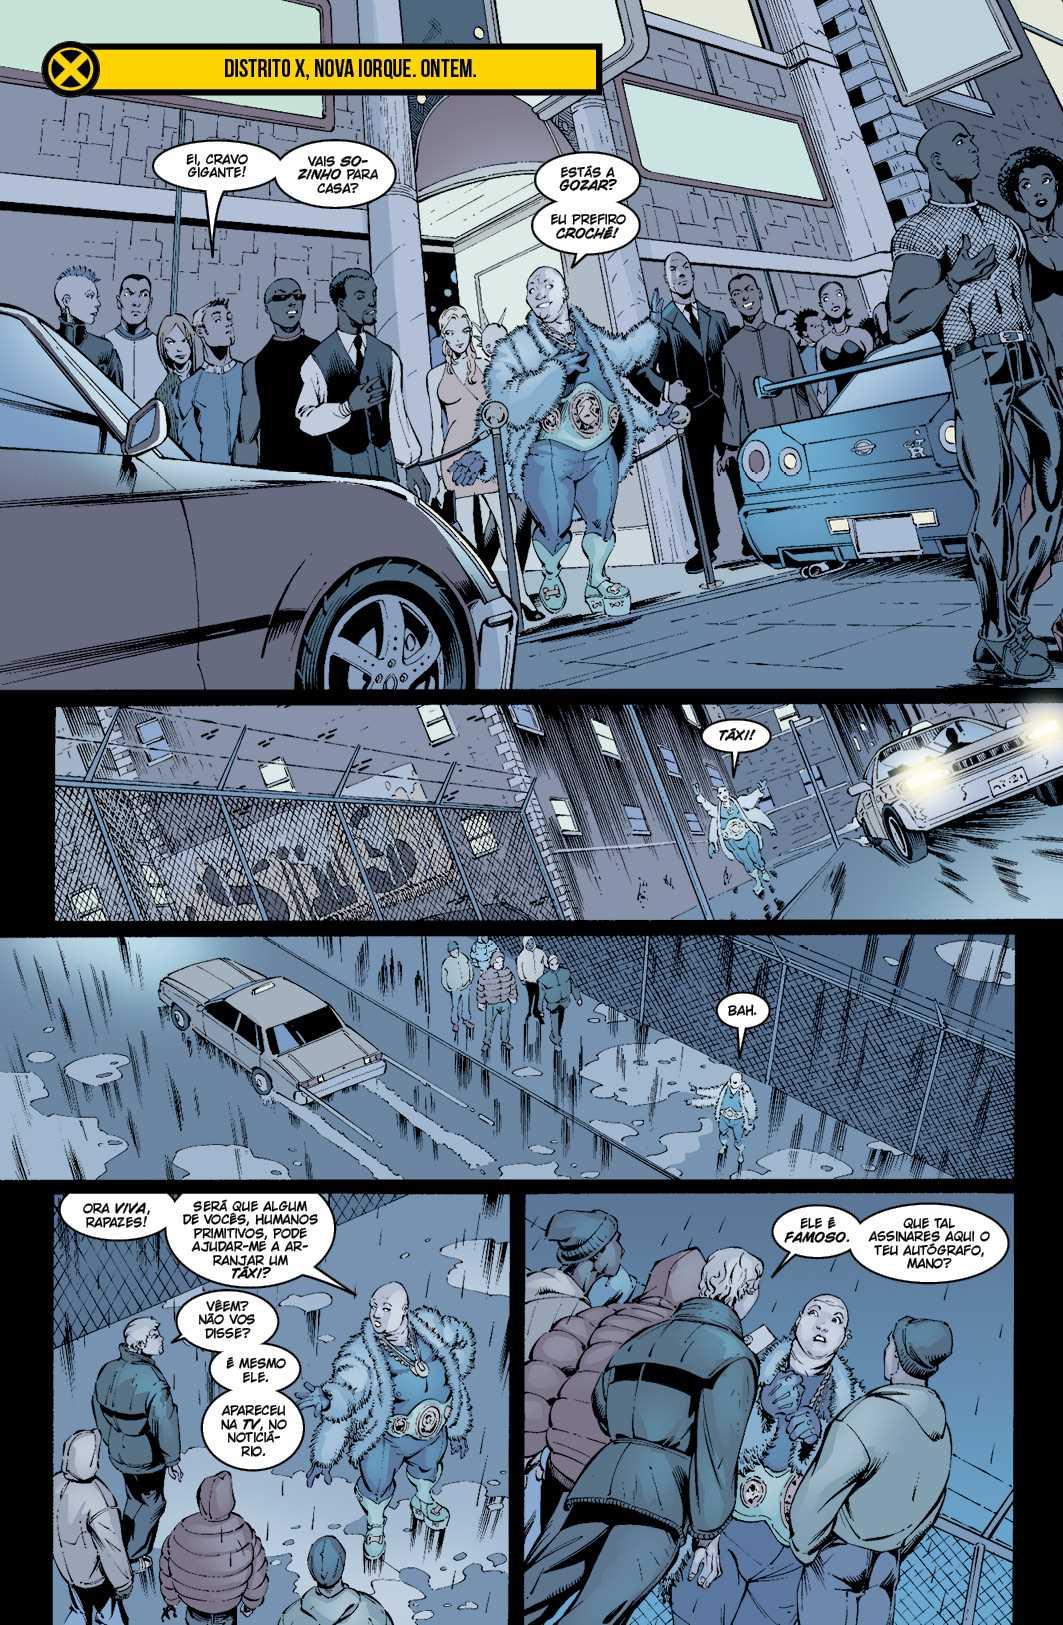 NOVOS X-MEN vol. 3: Ómega